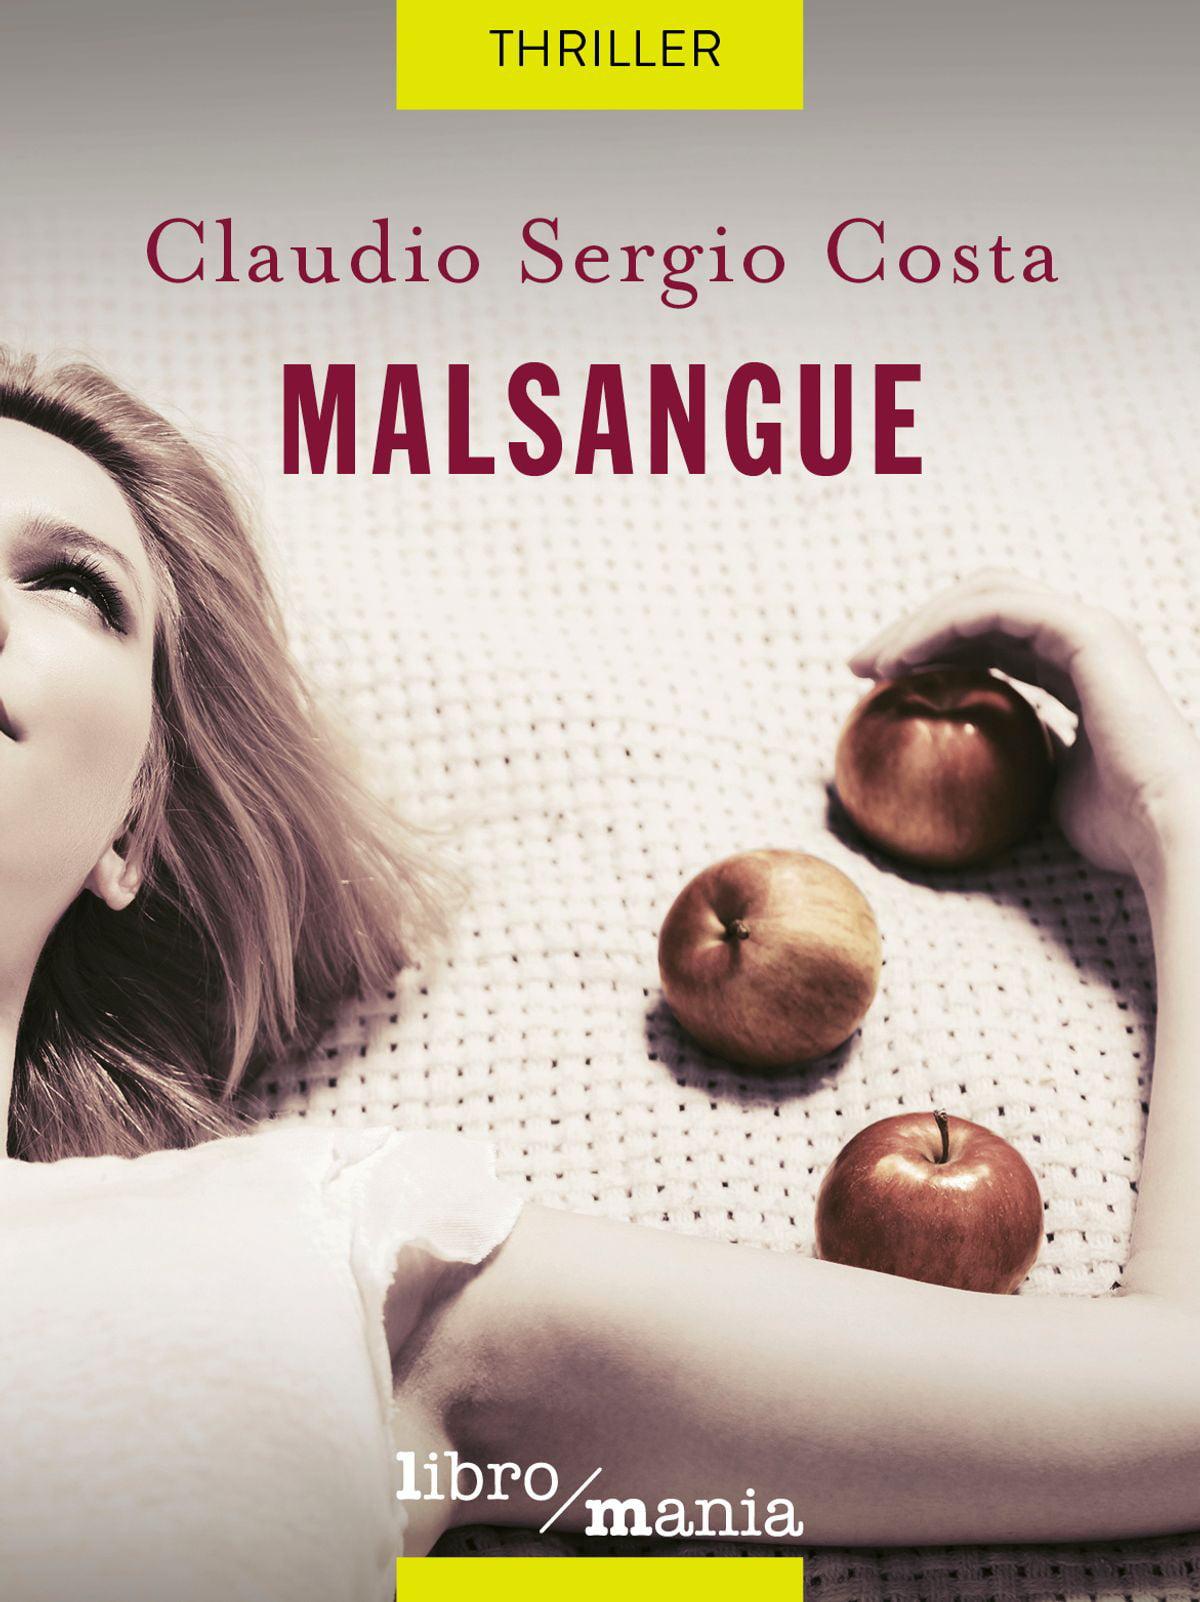 Malsangue - eBook - Walmart.com - Walmart.com